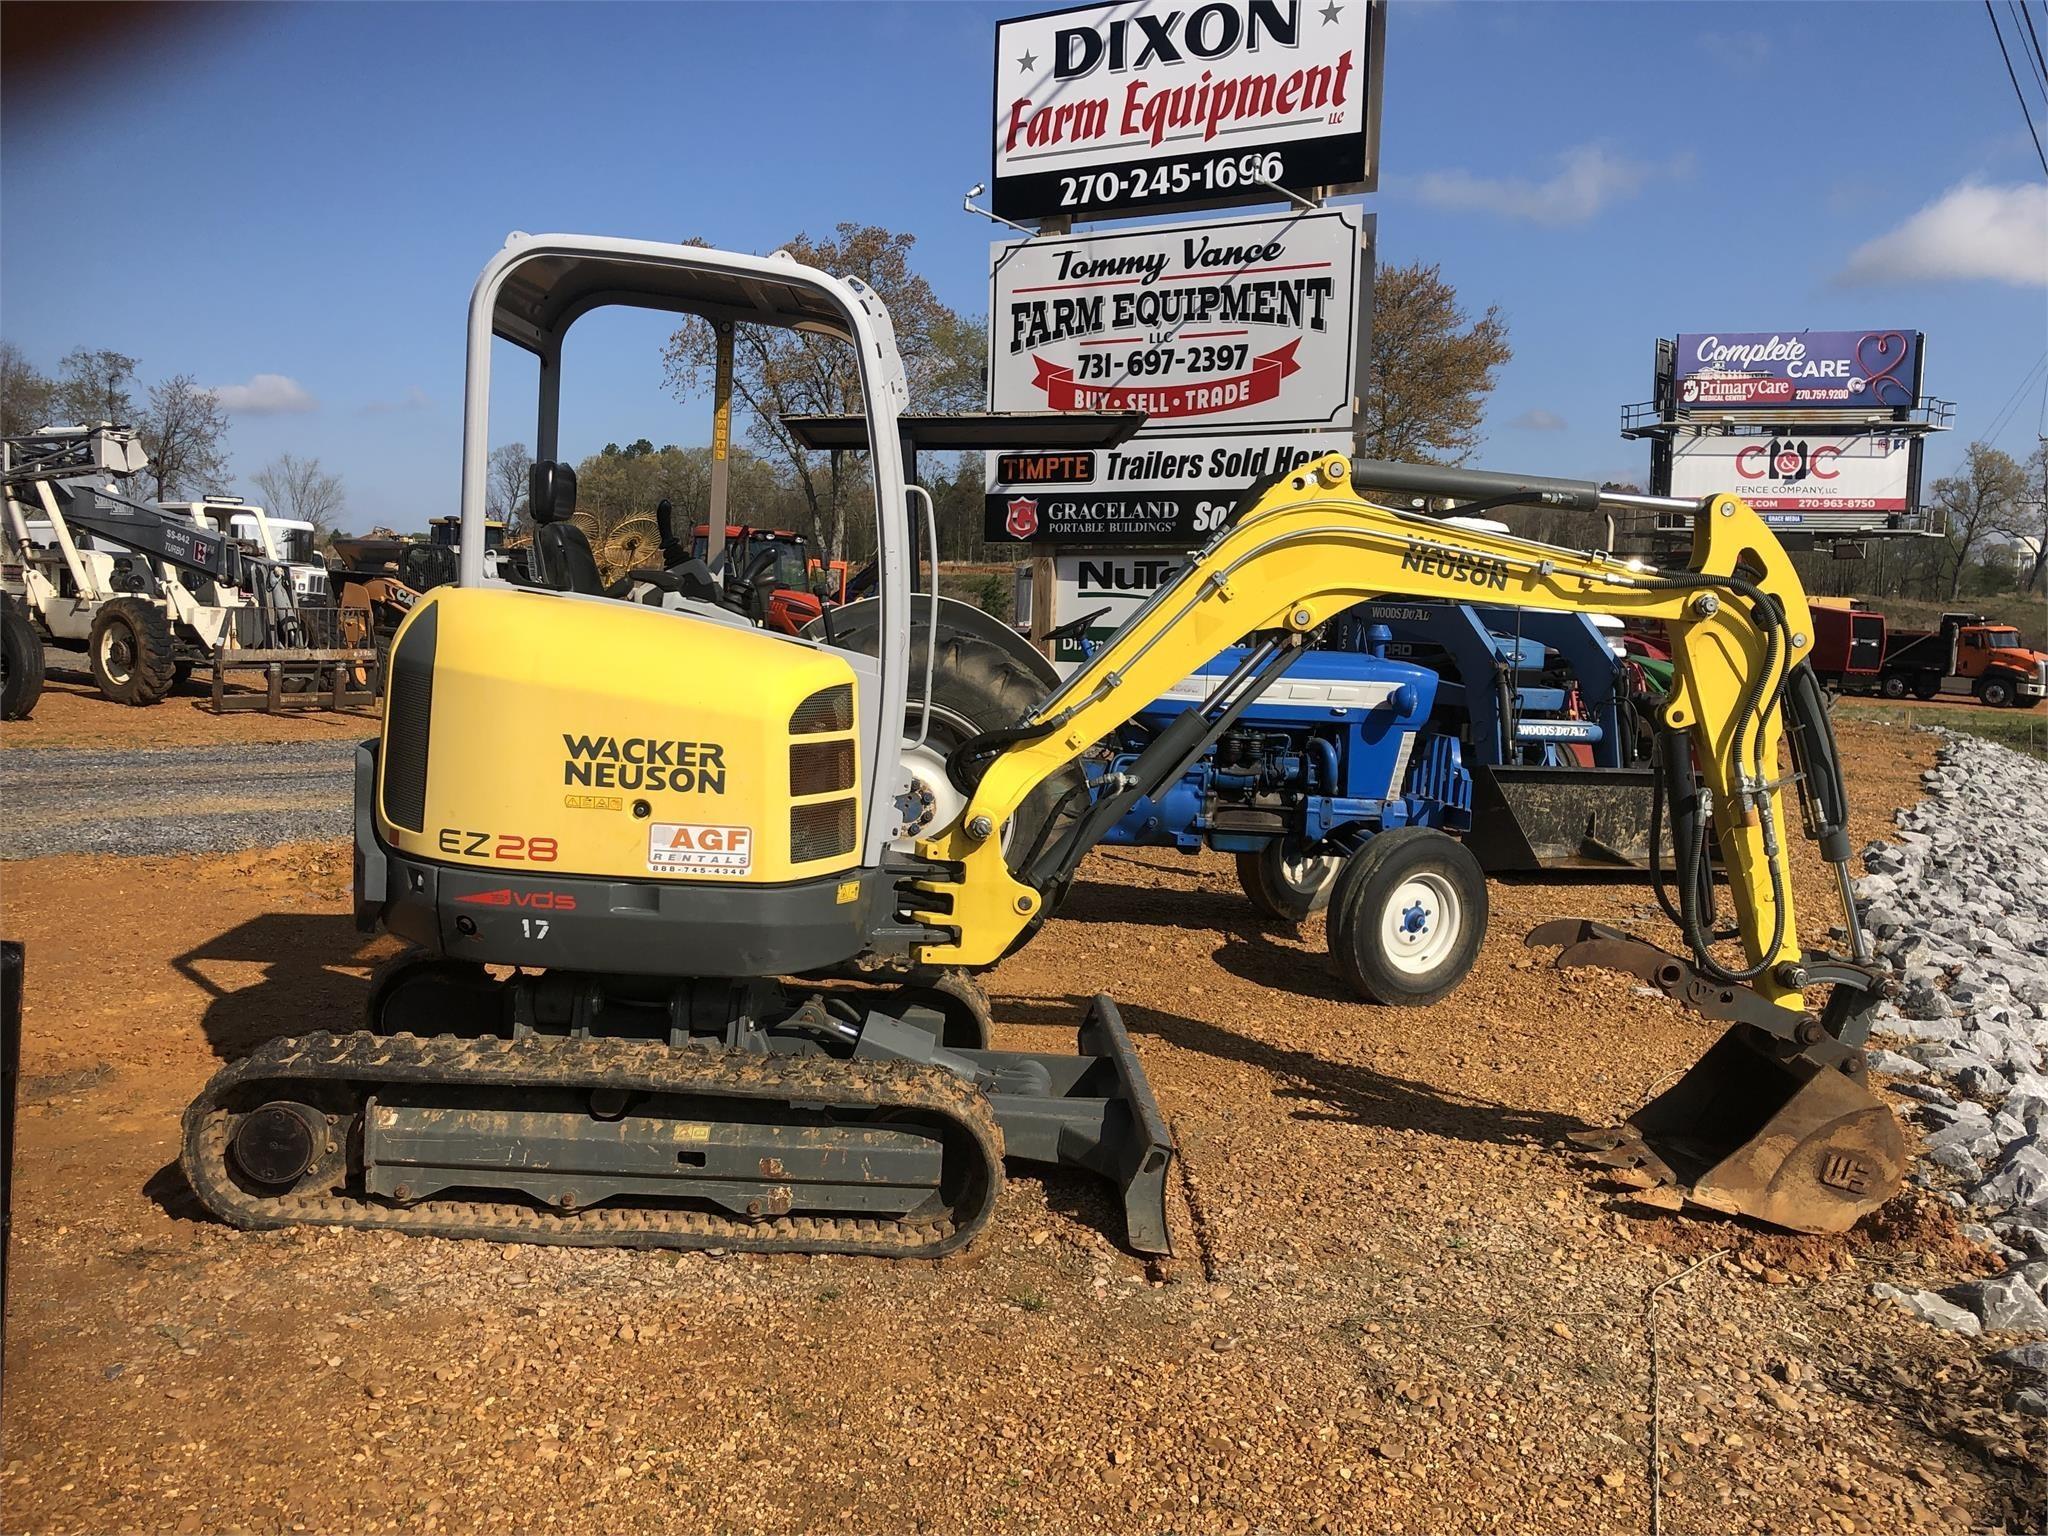 2016 Wacker Neuson EZ28 Excavators and Mini Excavator